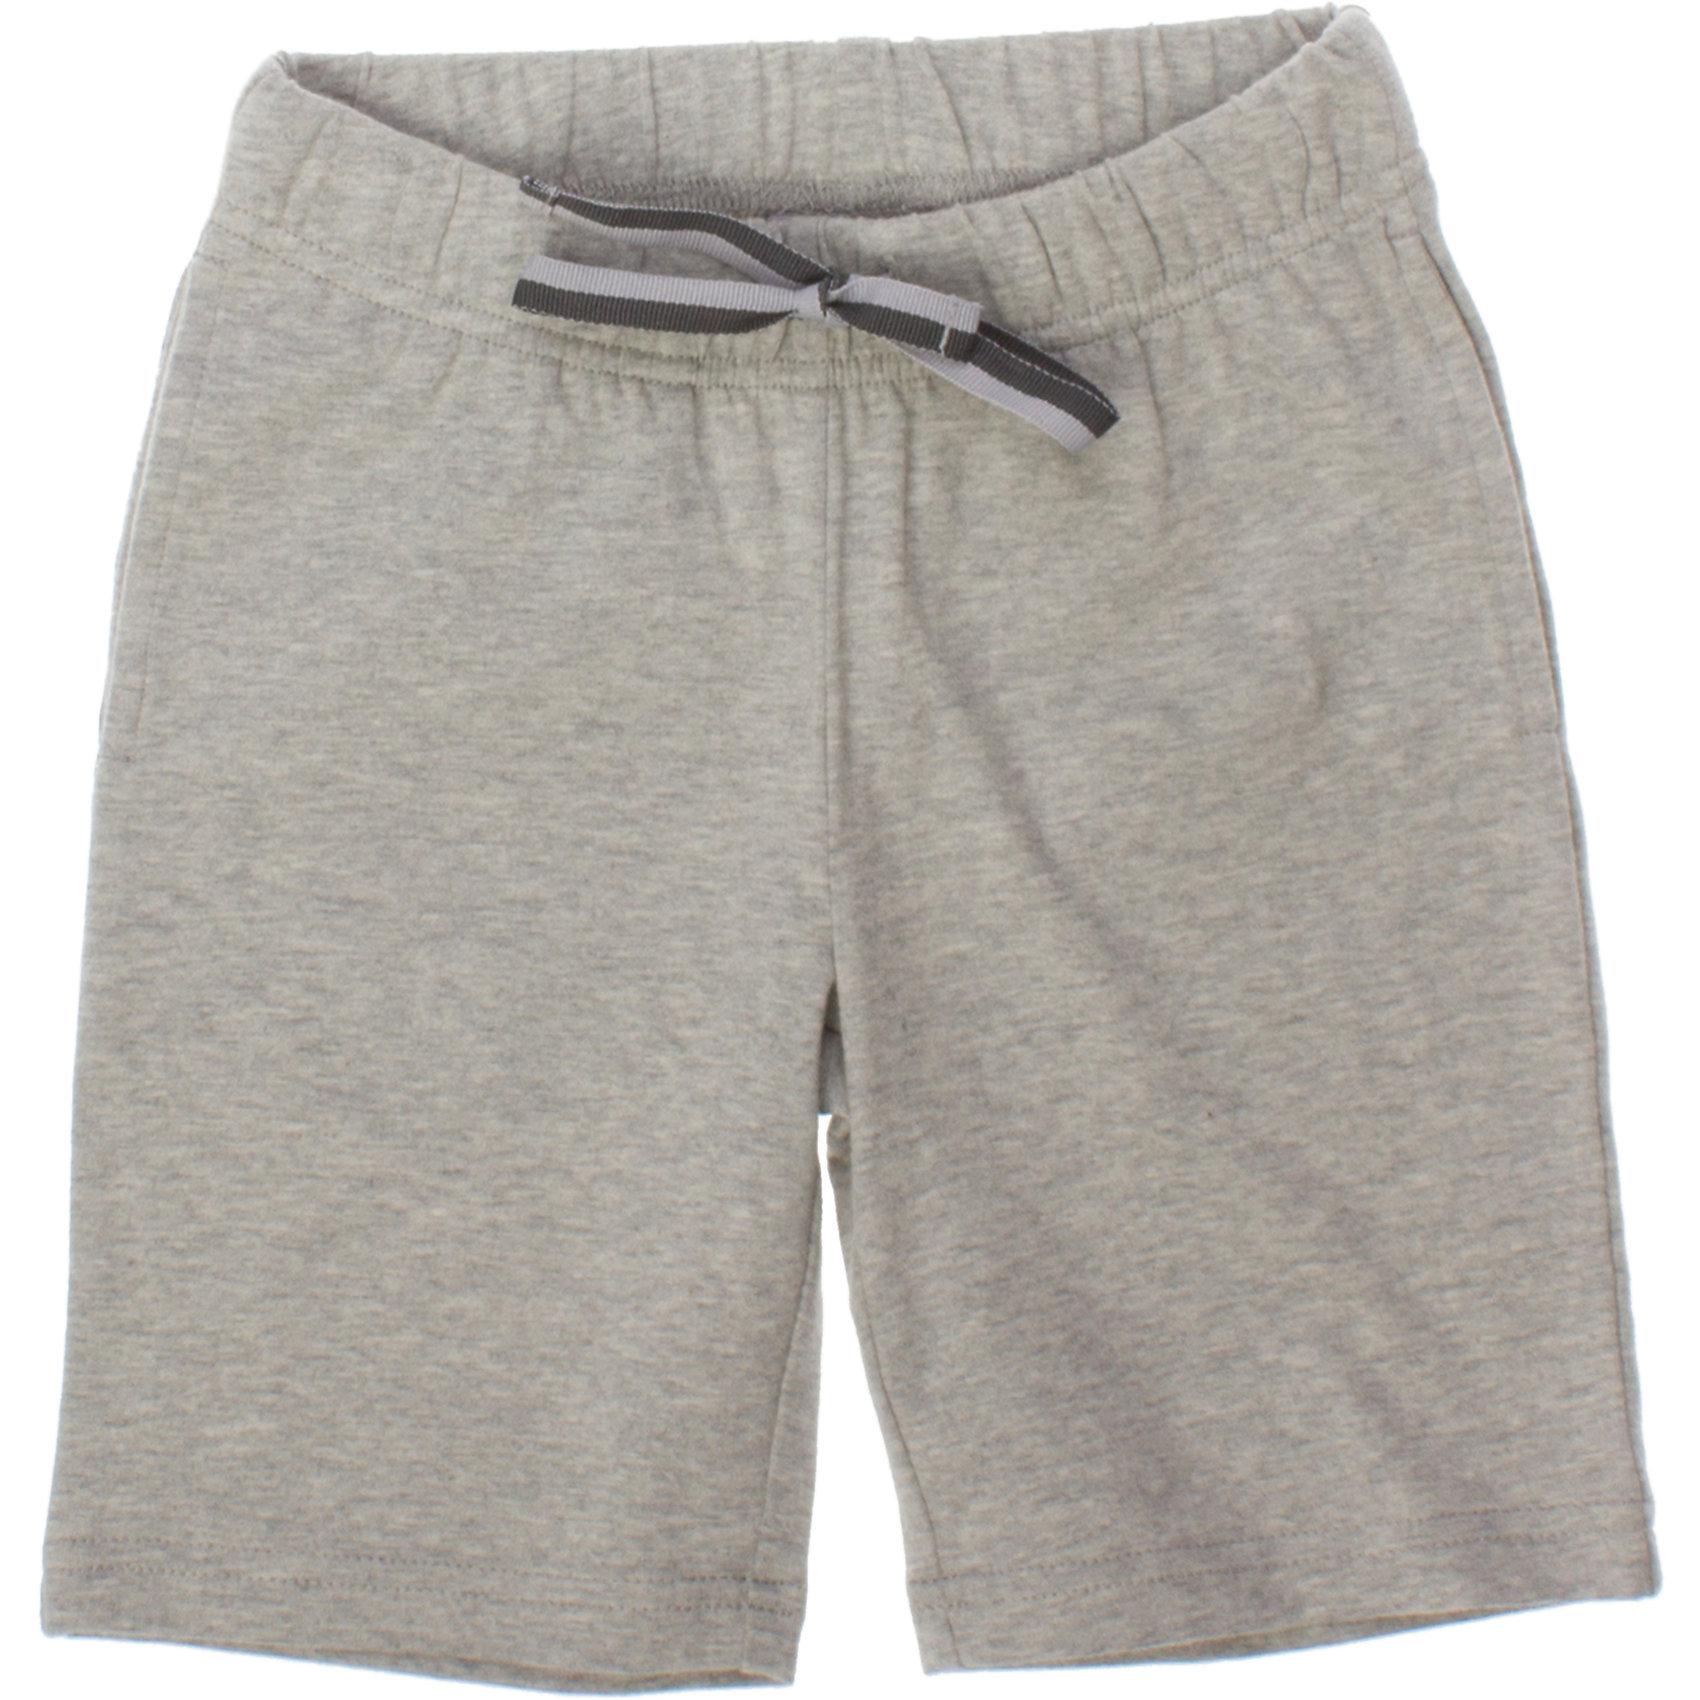 Шорты для мальчика PlayTodayШорты, бриджи, капри<br>Легкие хлопковые шорты цвета серый меланж. Пояс на мягкой резинке, дополнительно регулируется тесьмой. Есть два кармашка. Состав: 95% хлопок, 5% эластан<br><br>Ширина мм: 191<br>Глубина мм: 10<br>Высота мм: 175<br>Вес г: 273<br>Цвет: серый<br>Возраст от месяцев: 36<br>Возраст до месяцев: 48<br>Пол: Мужской<br>Возраст: Детский<br>Размер: 104,128,116,110,98,122<br>SKU: 4652547